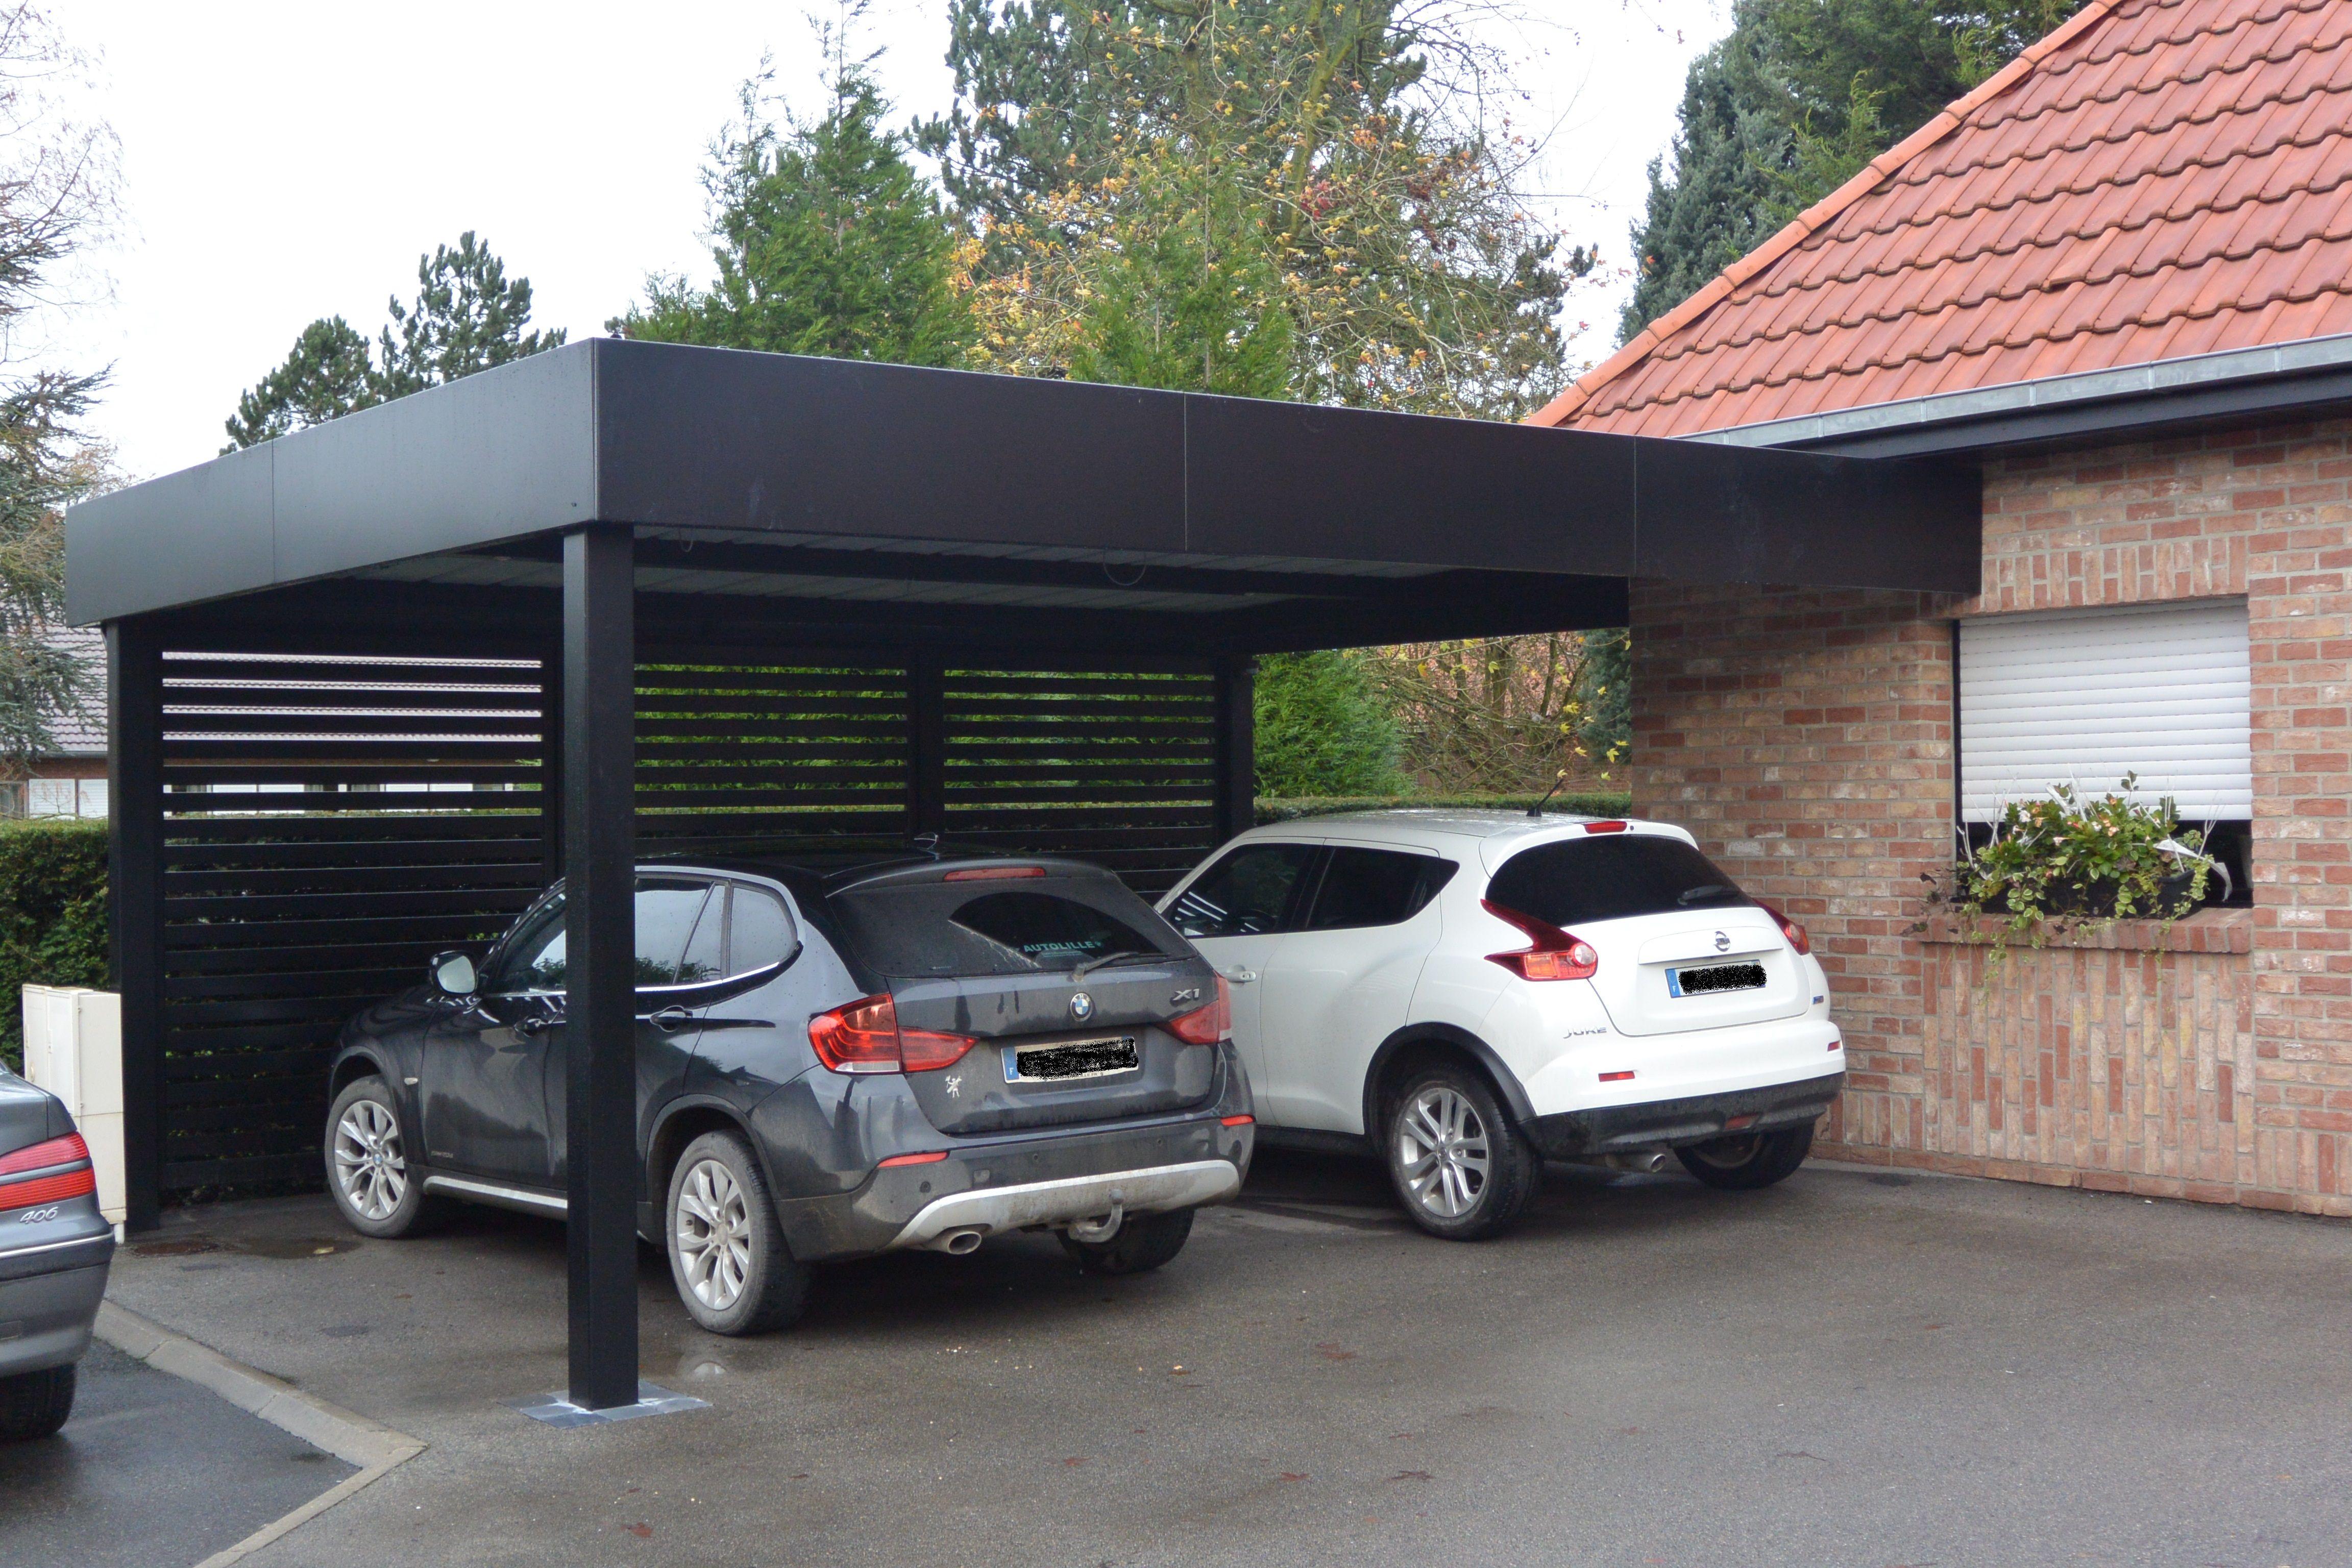 Carport noir, semiadossé, fabrication Française en